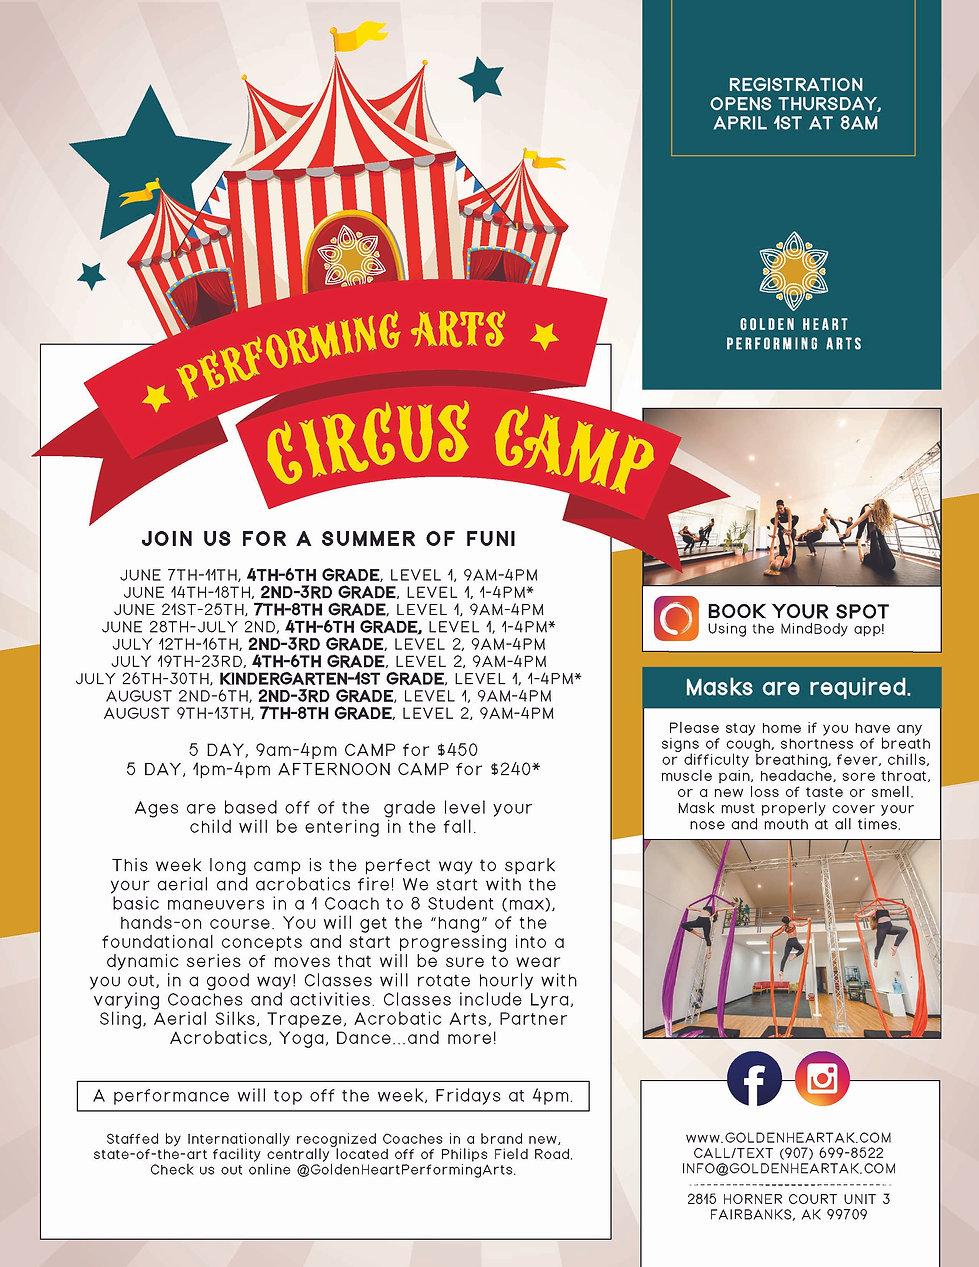 CircusSummerCamp2021.jpg